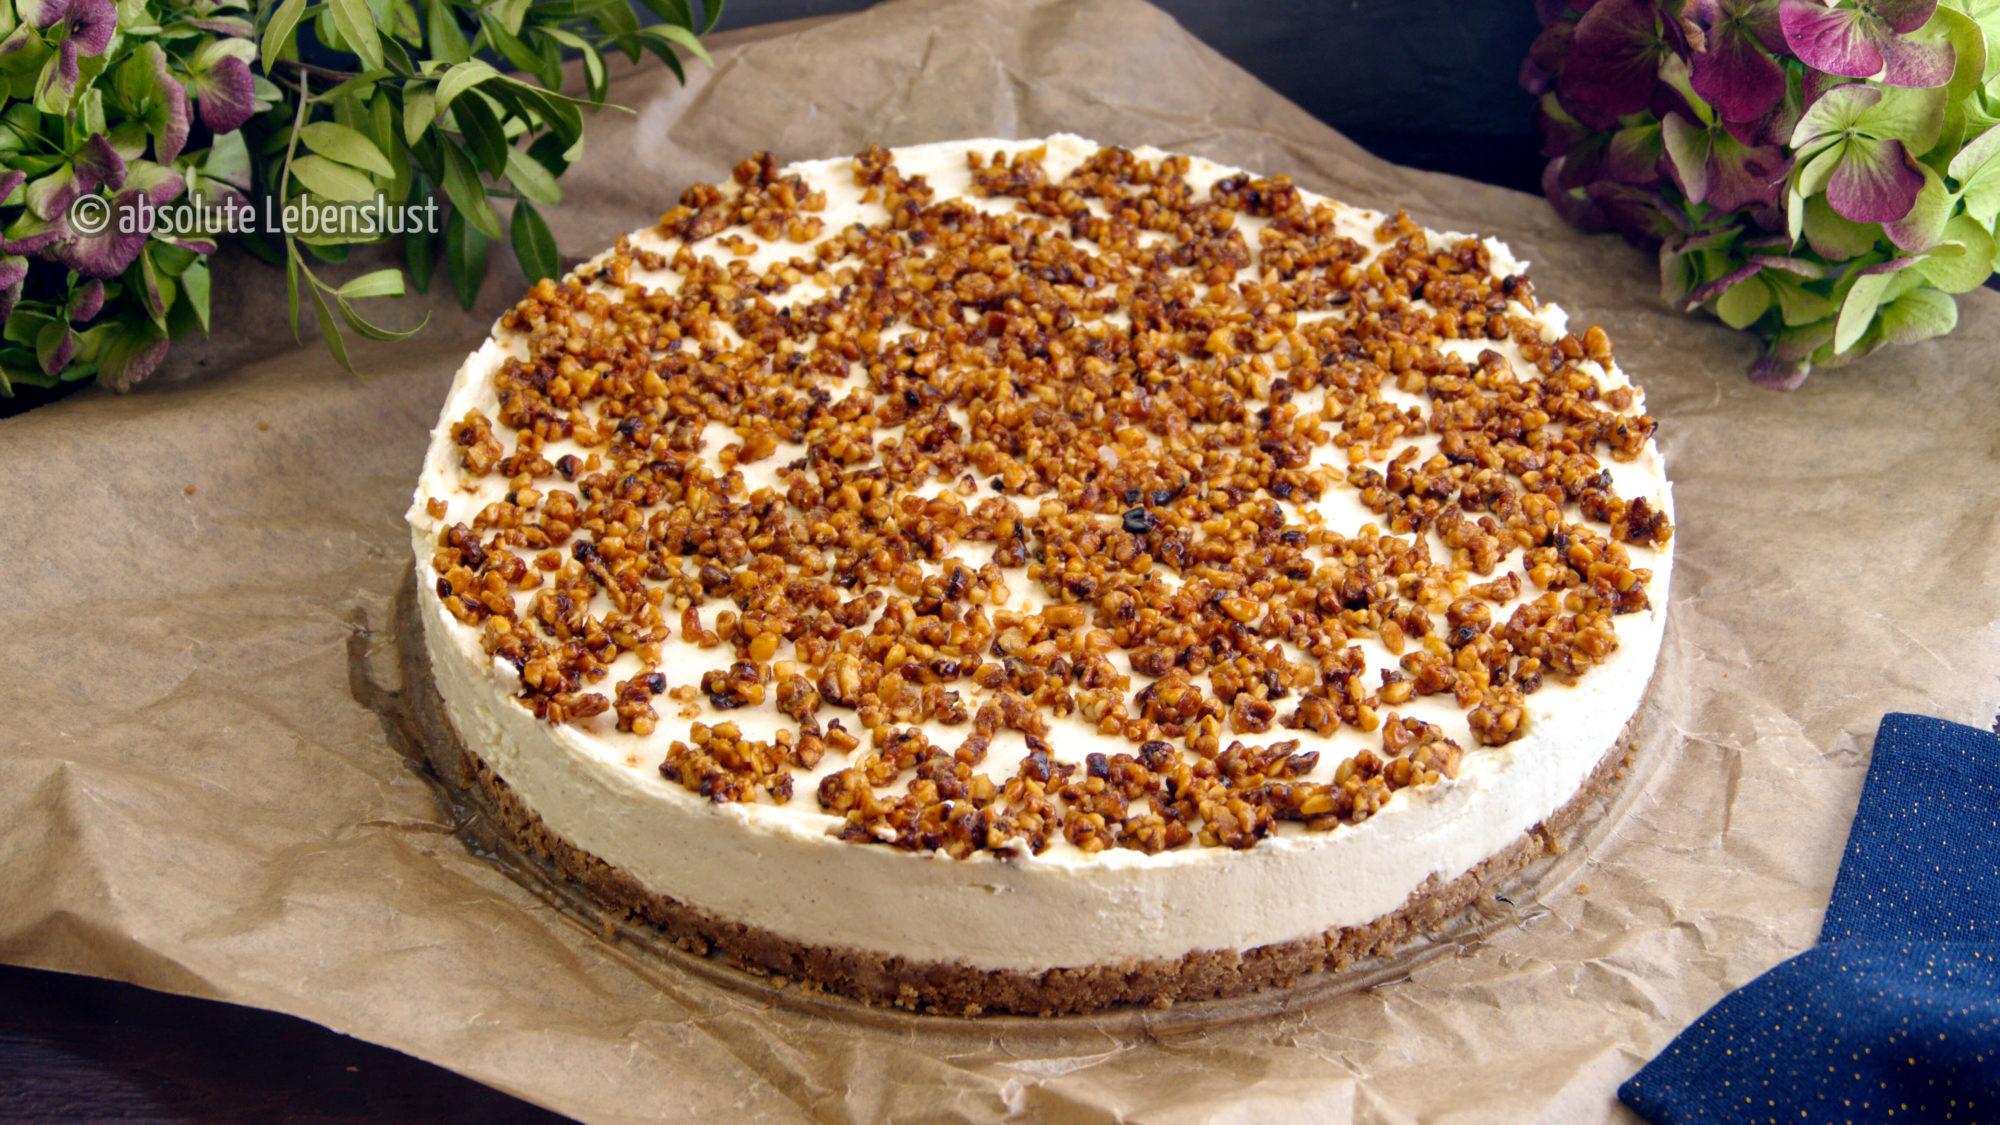 no bake käsekuchen, käsekuchen ohne backen, schnelle no bake rezepte, frischkäse kuchen, frischkäse käsekuchen, no bake cheesecake